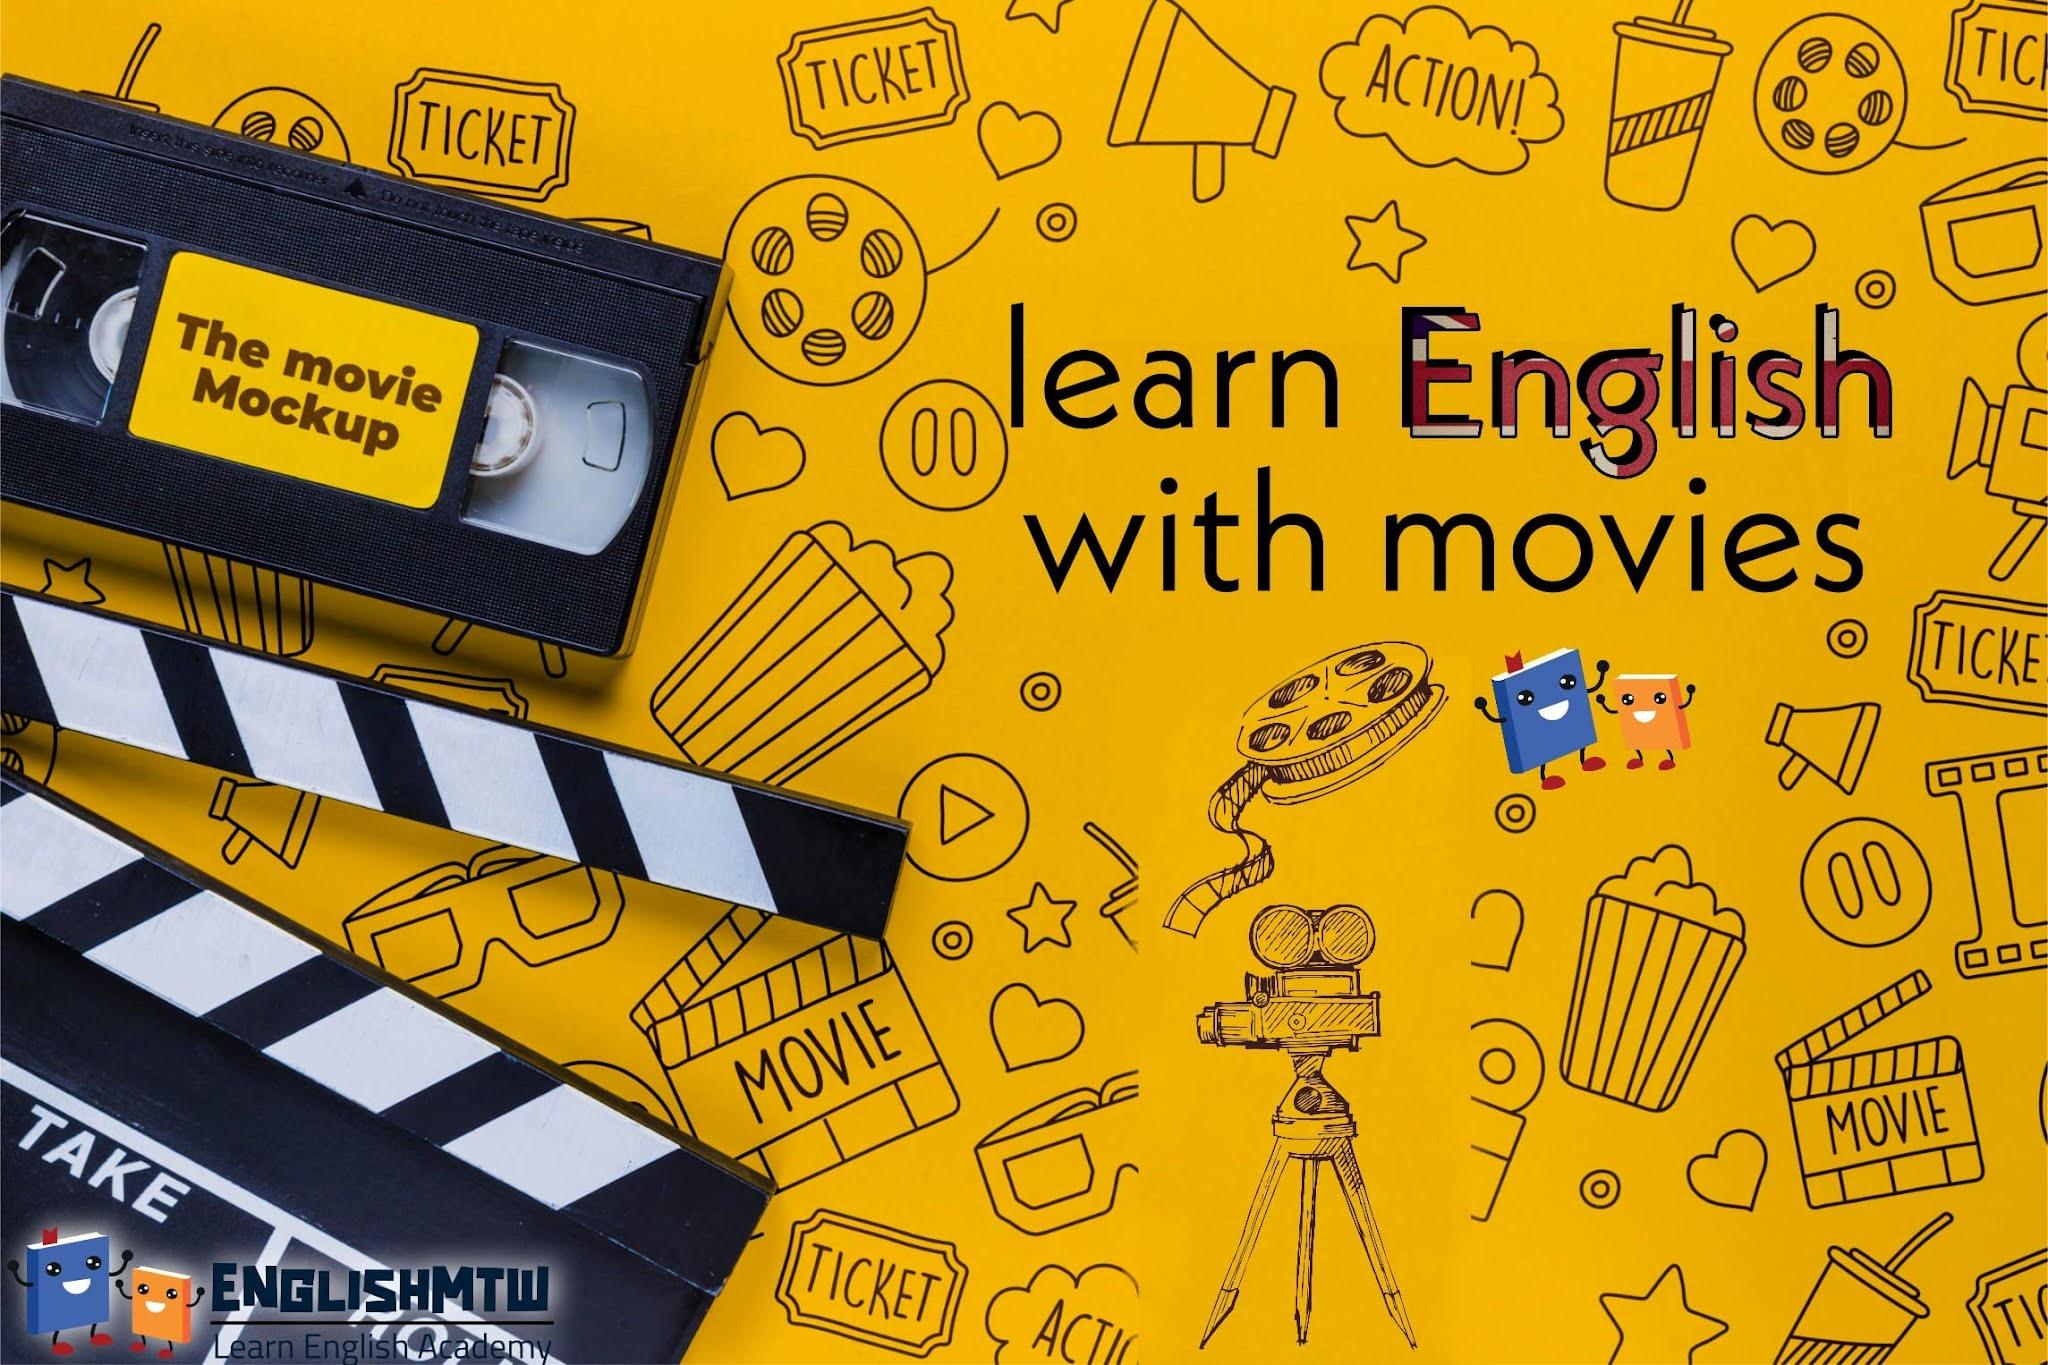 أفلام وعروض ومقاطع فيديو مترجمة لتعلم اللغة الإنجليزية ستحبها